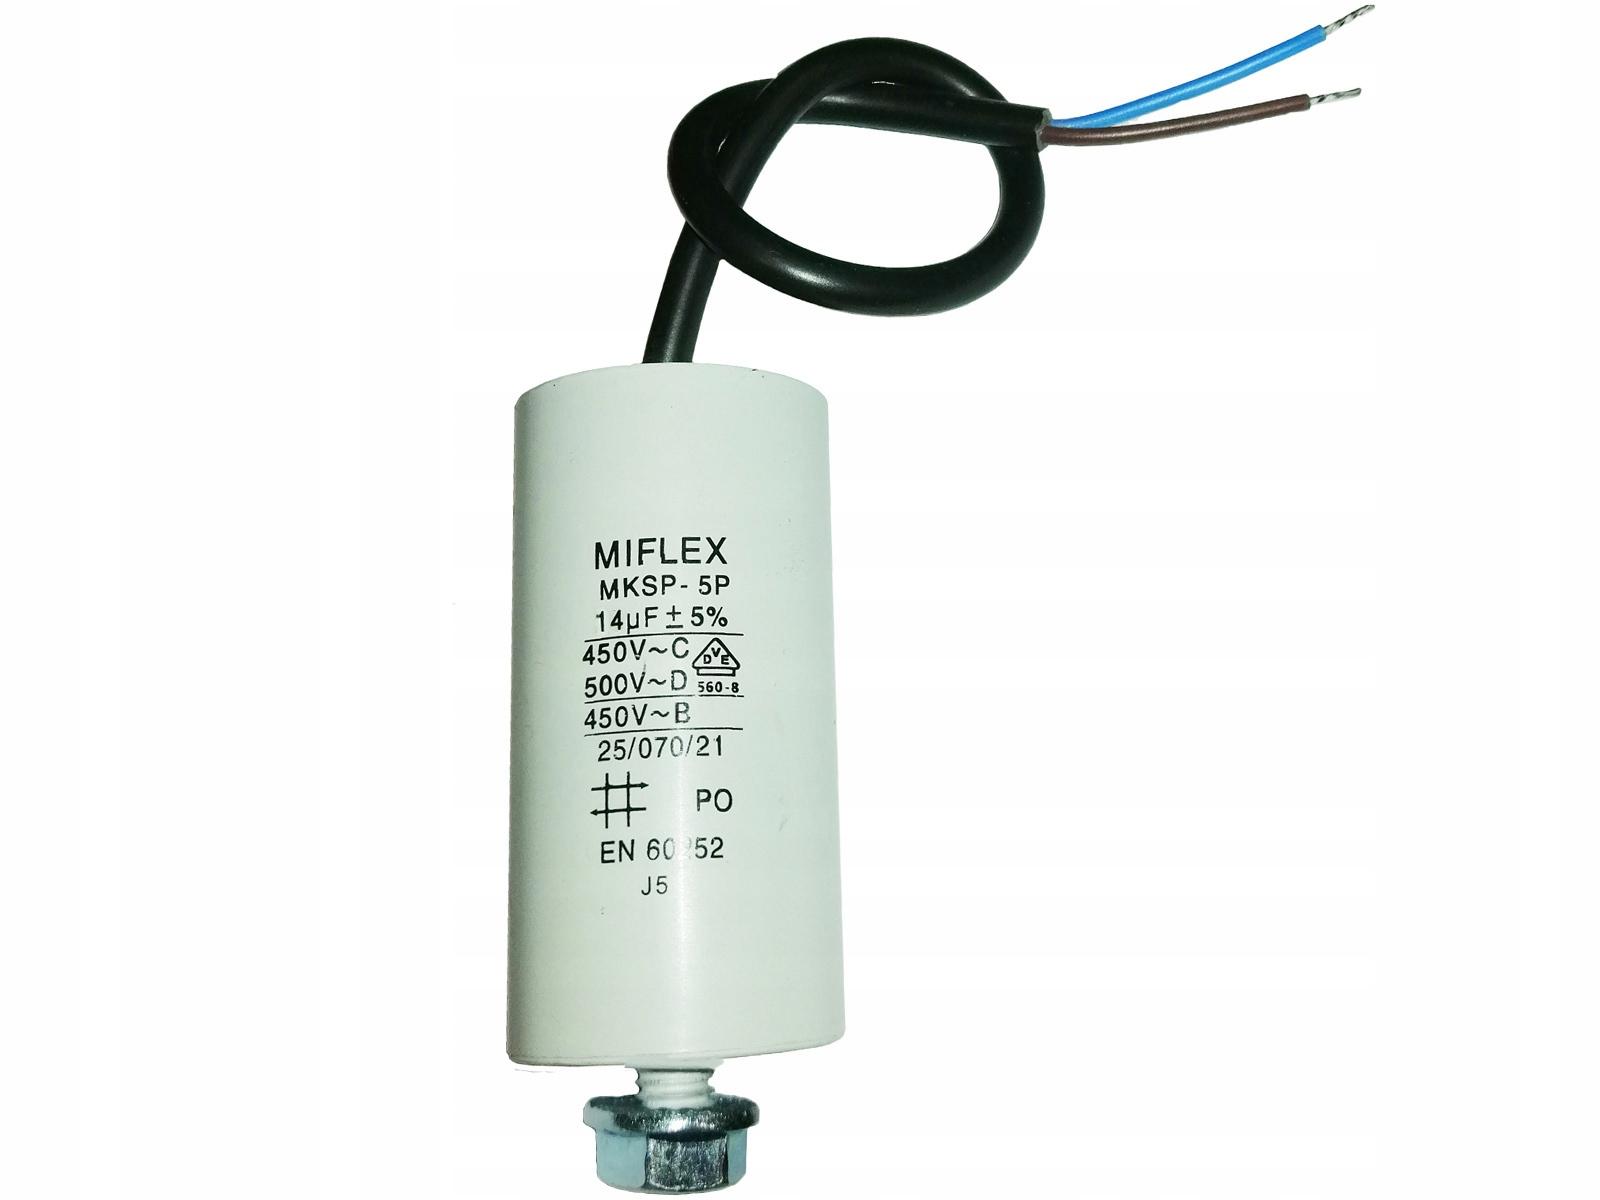 Конденсатор 14uF /- 5% MIFLEX MKSP-5P Мотор